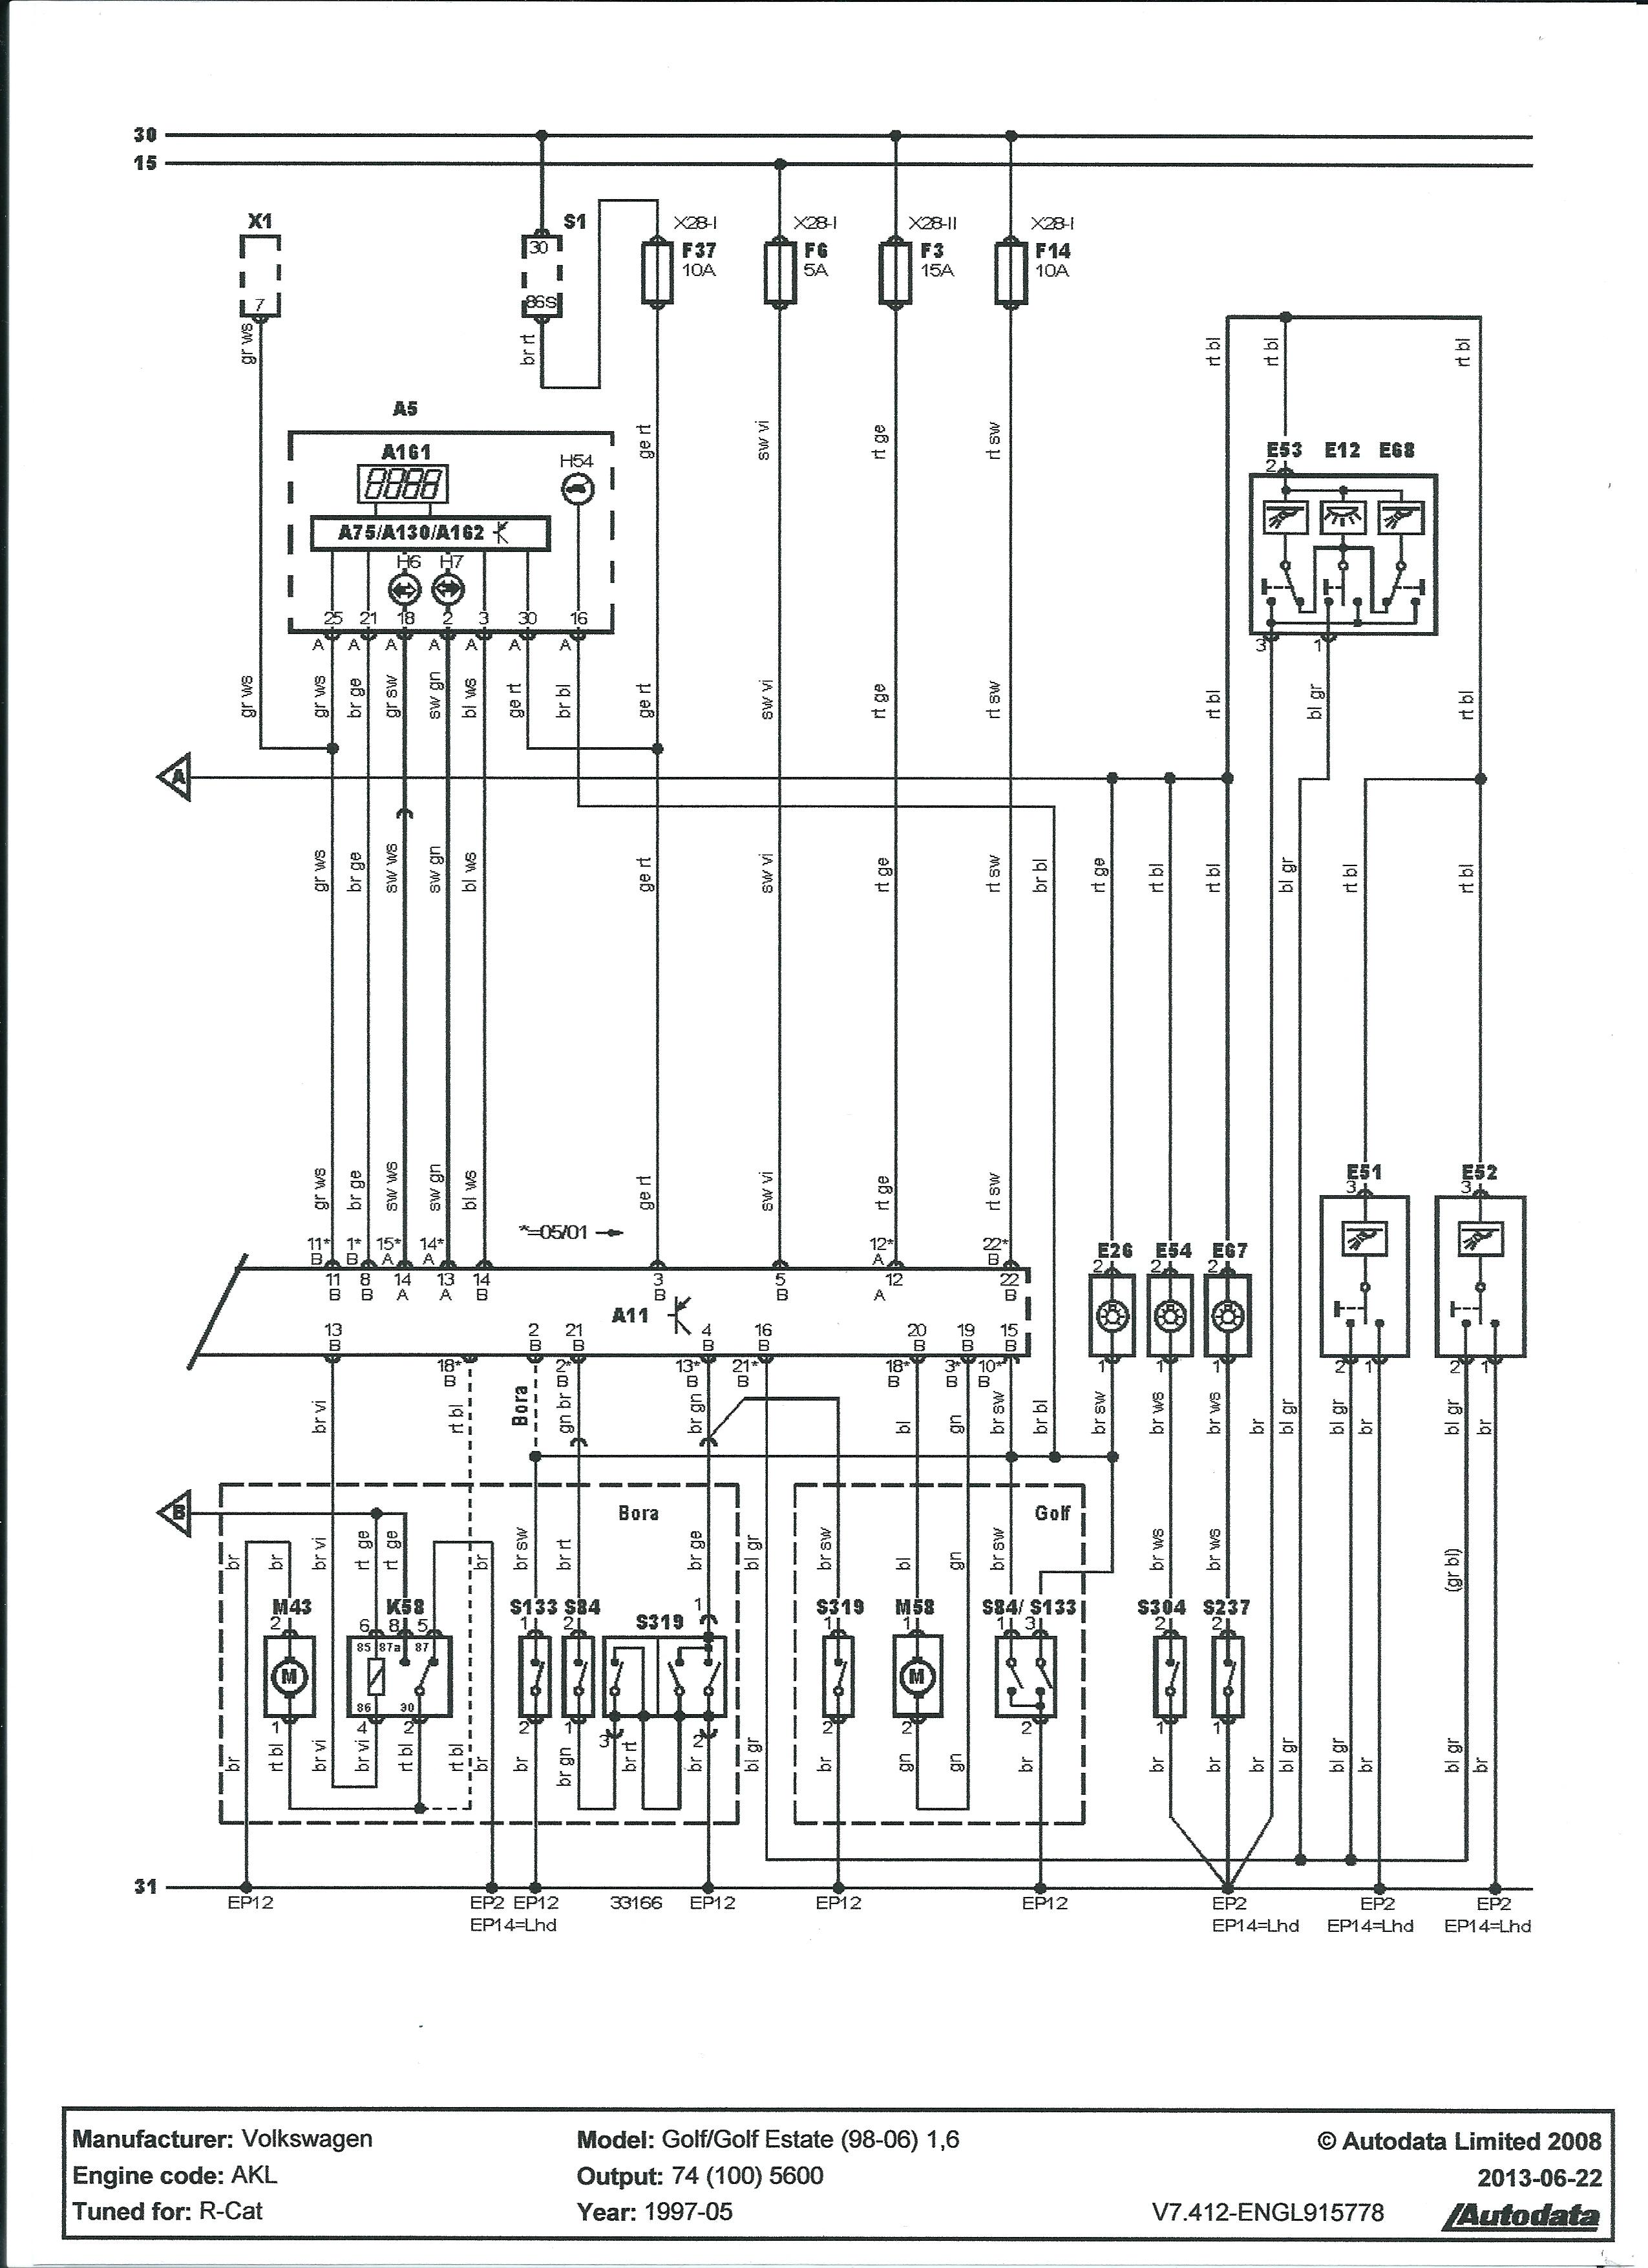 Golf IV 1.9TDI - Nie migaj� kierunki po zamkni�ciu, vag modu�, Blok 11- otwarty